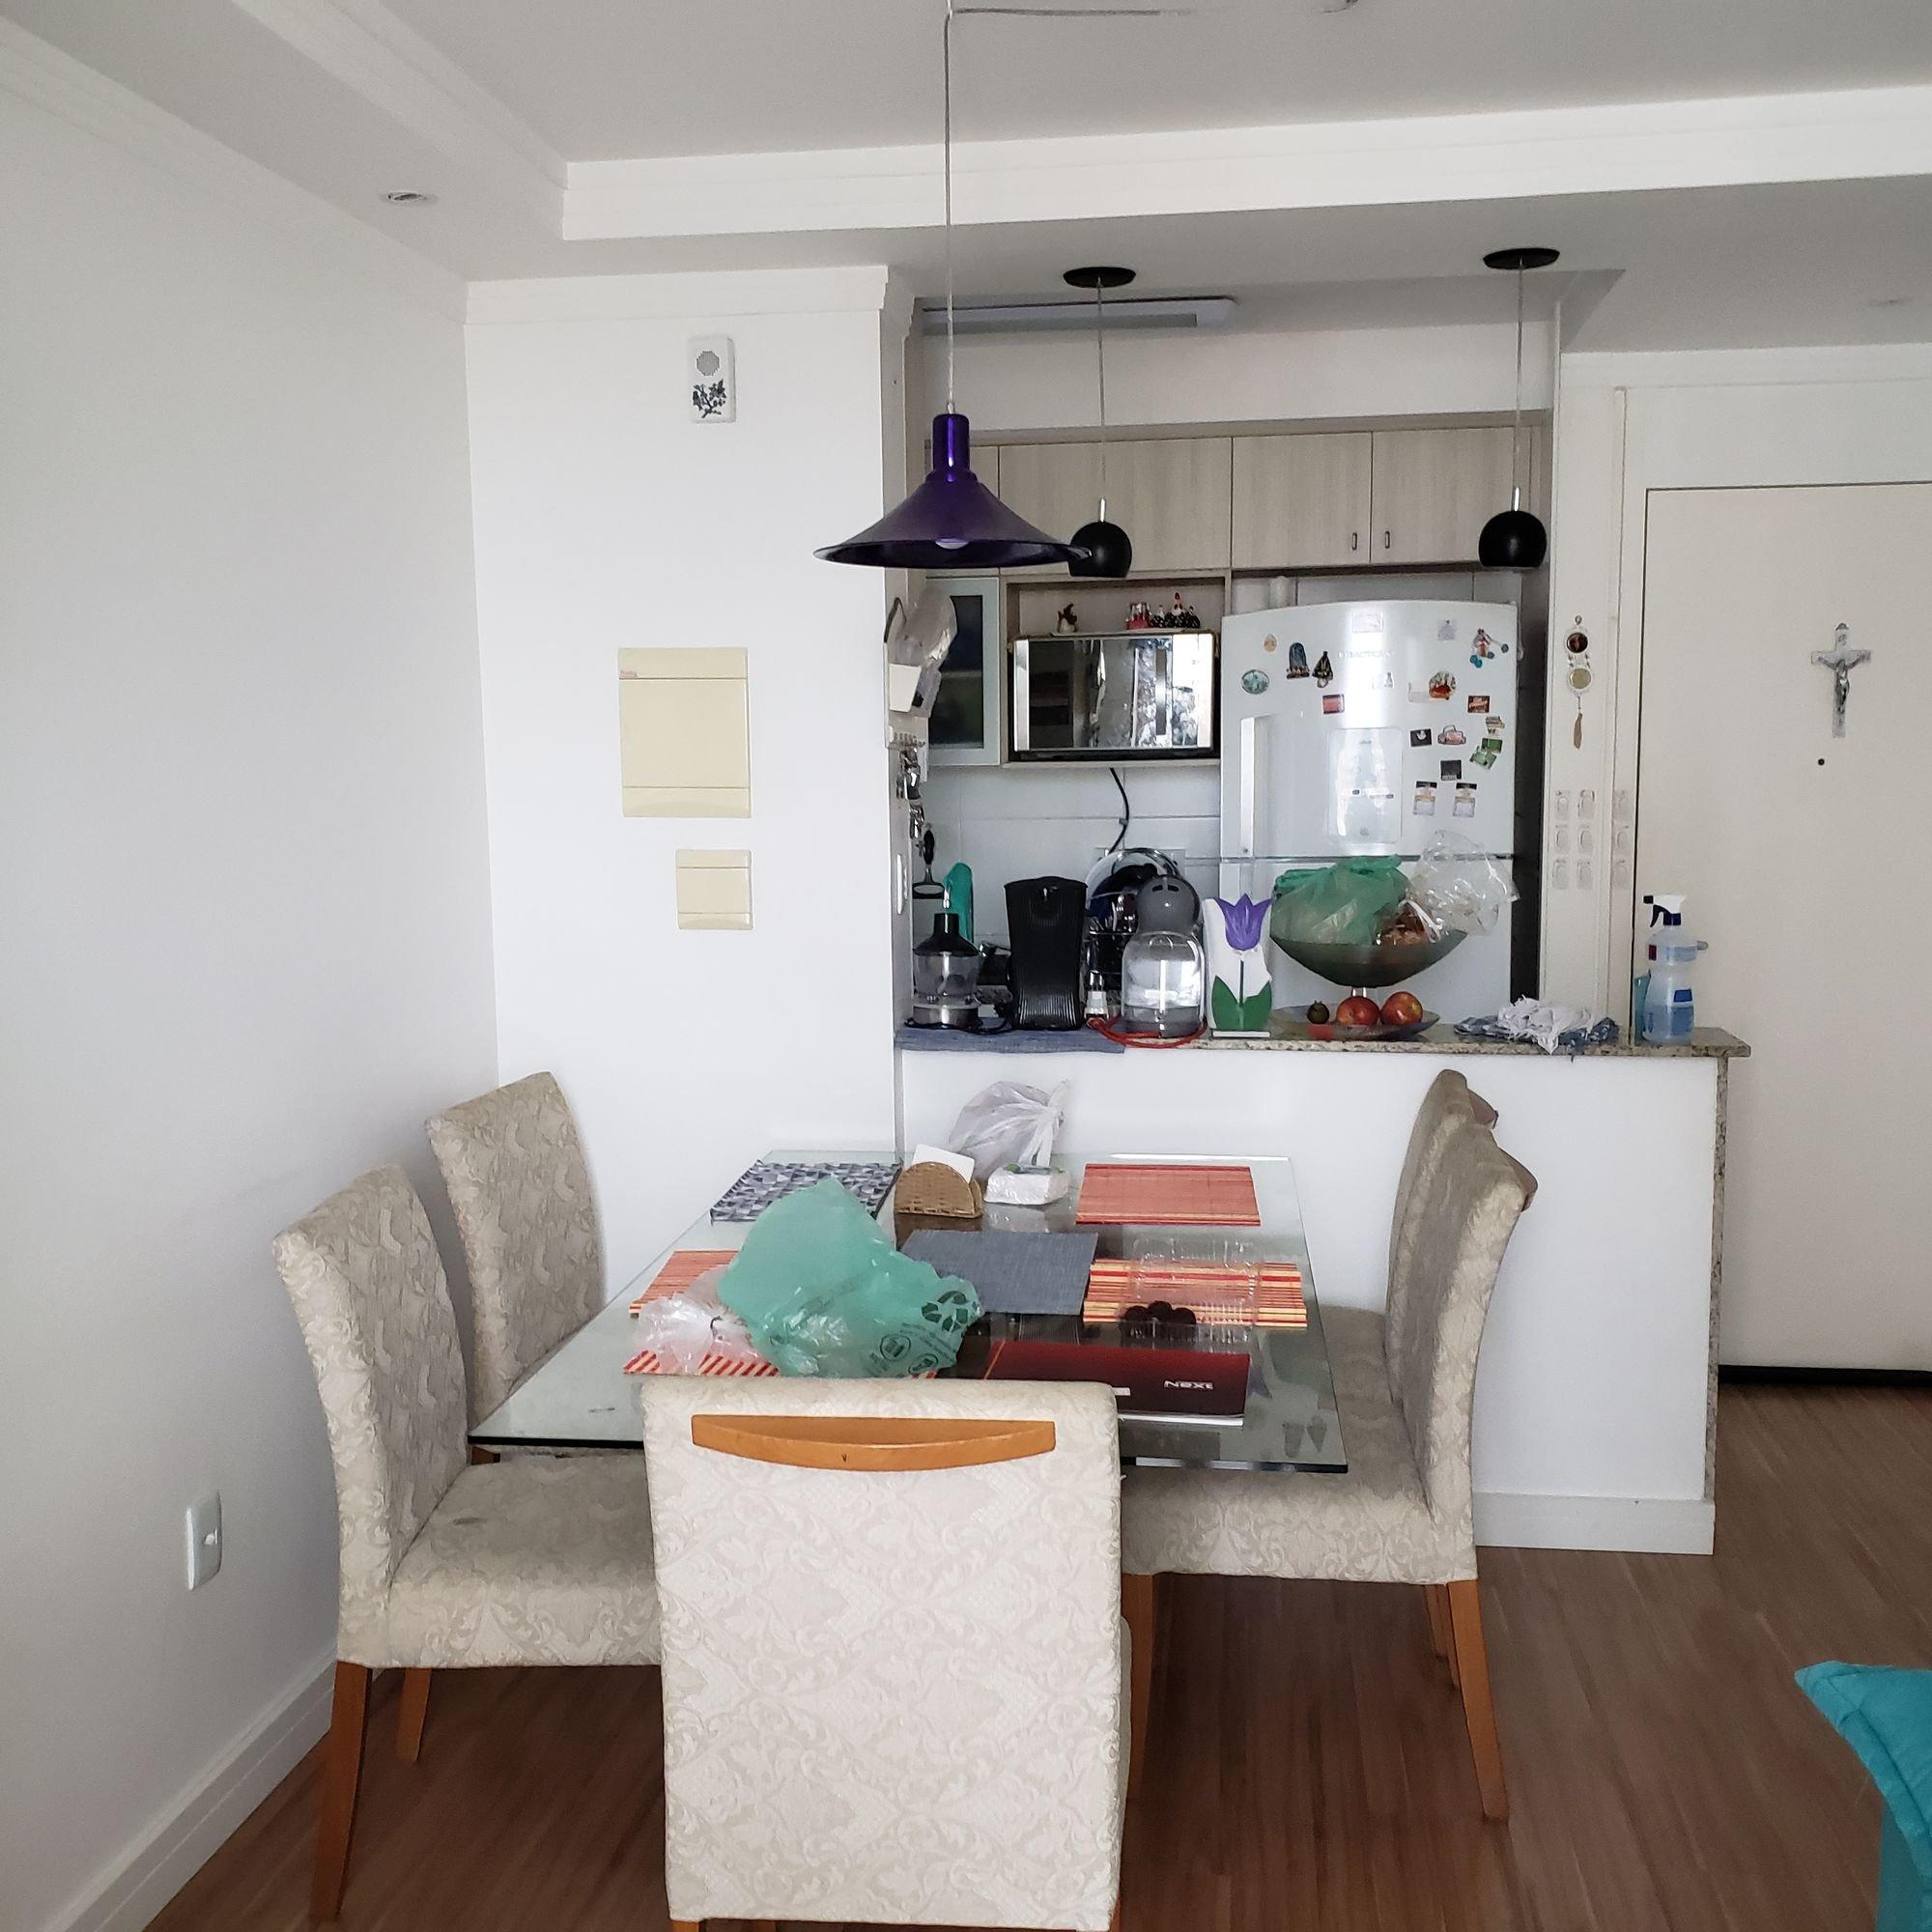 Foto de Quarto com tigela, cadeira, livro, mesa de jantar